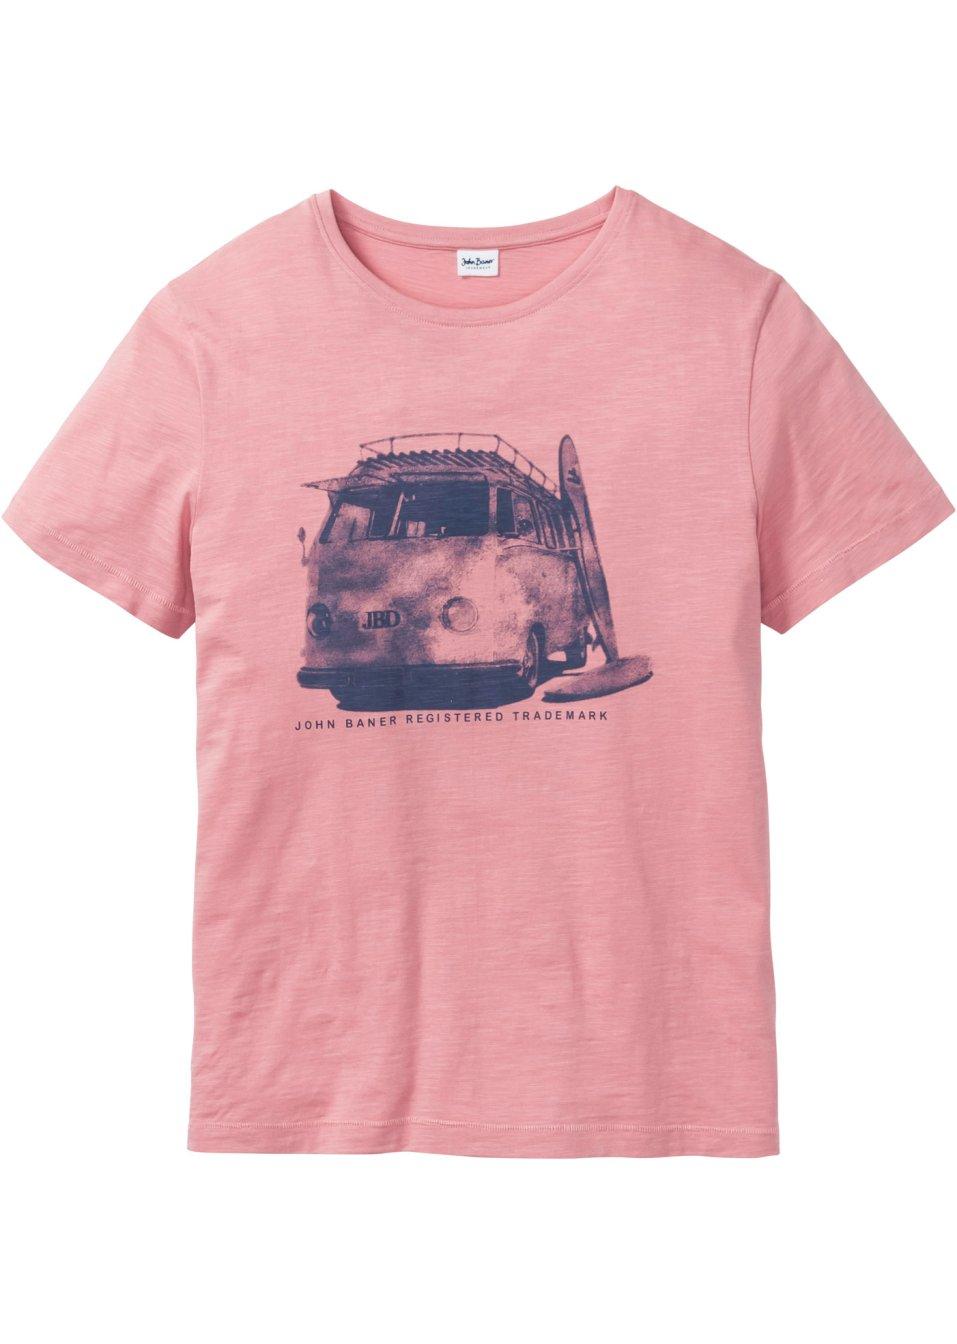 T-Shirt aus Slubyarn mit Druck vorne. - rauchrose YG3ct t3aoq